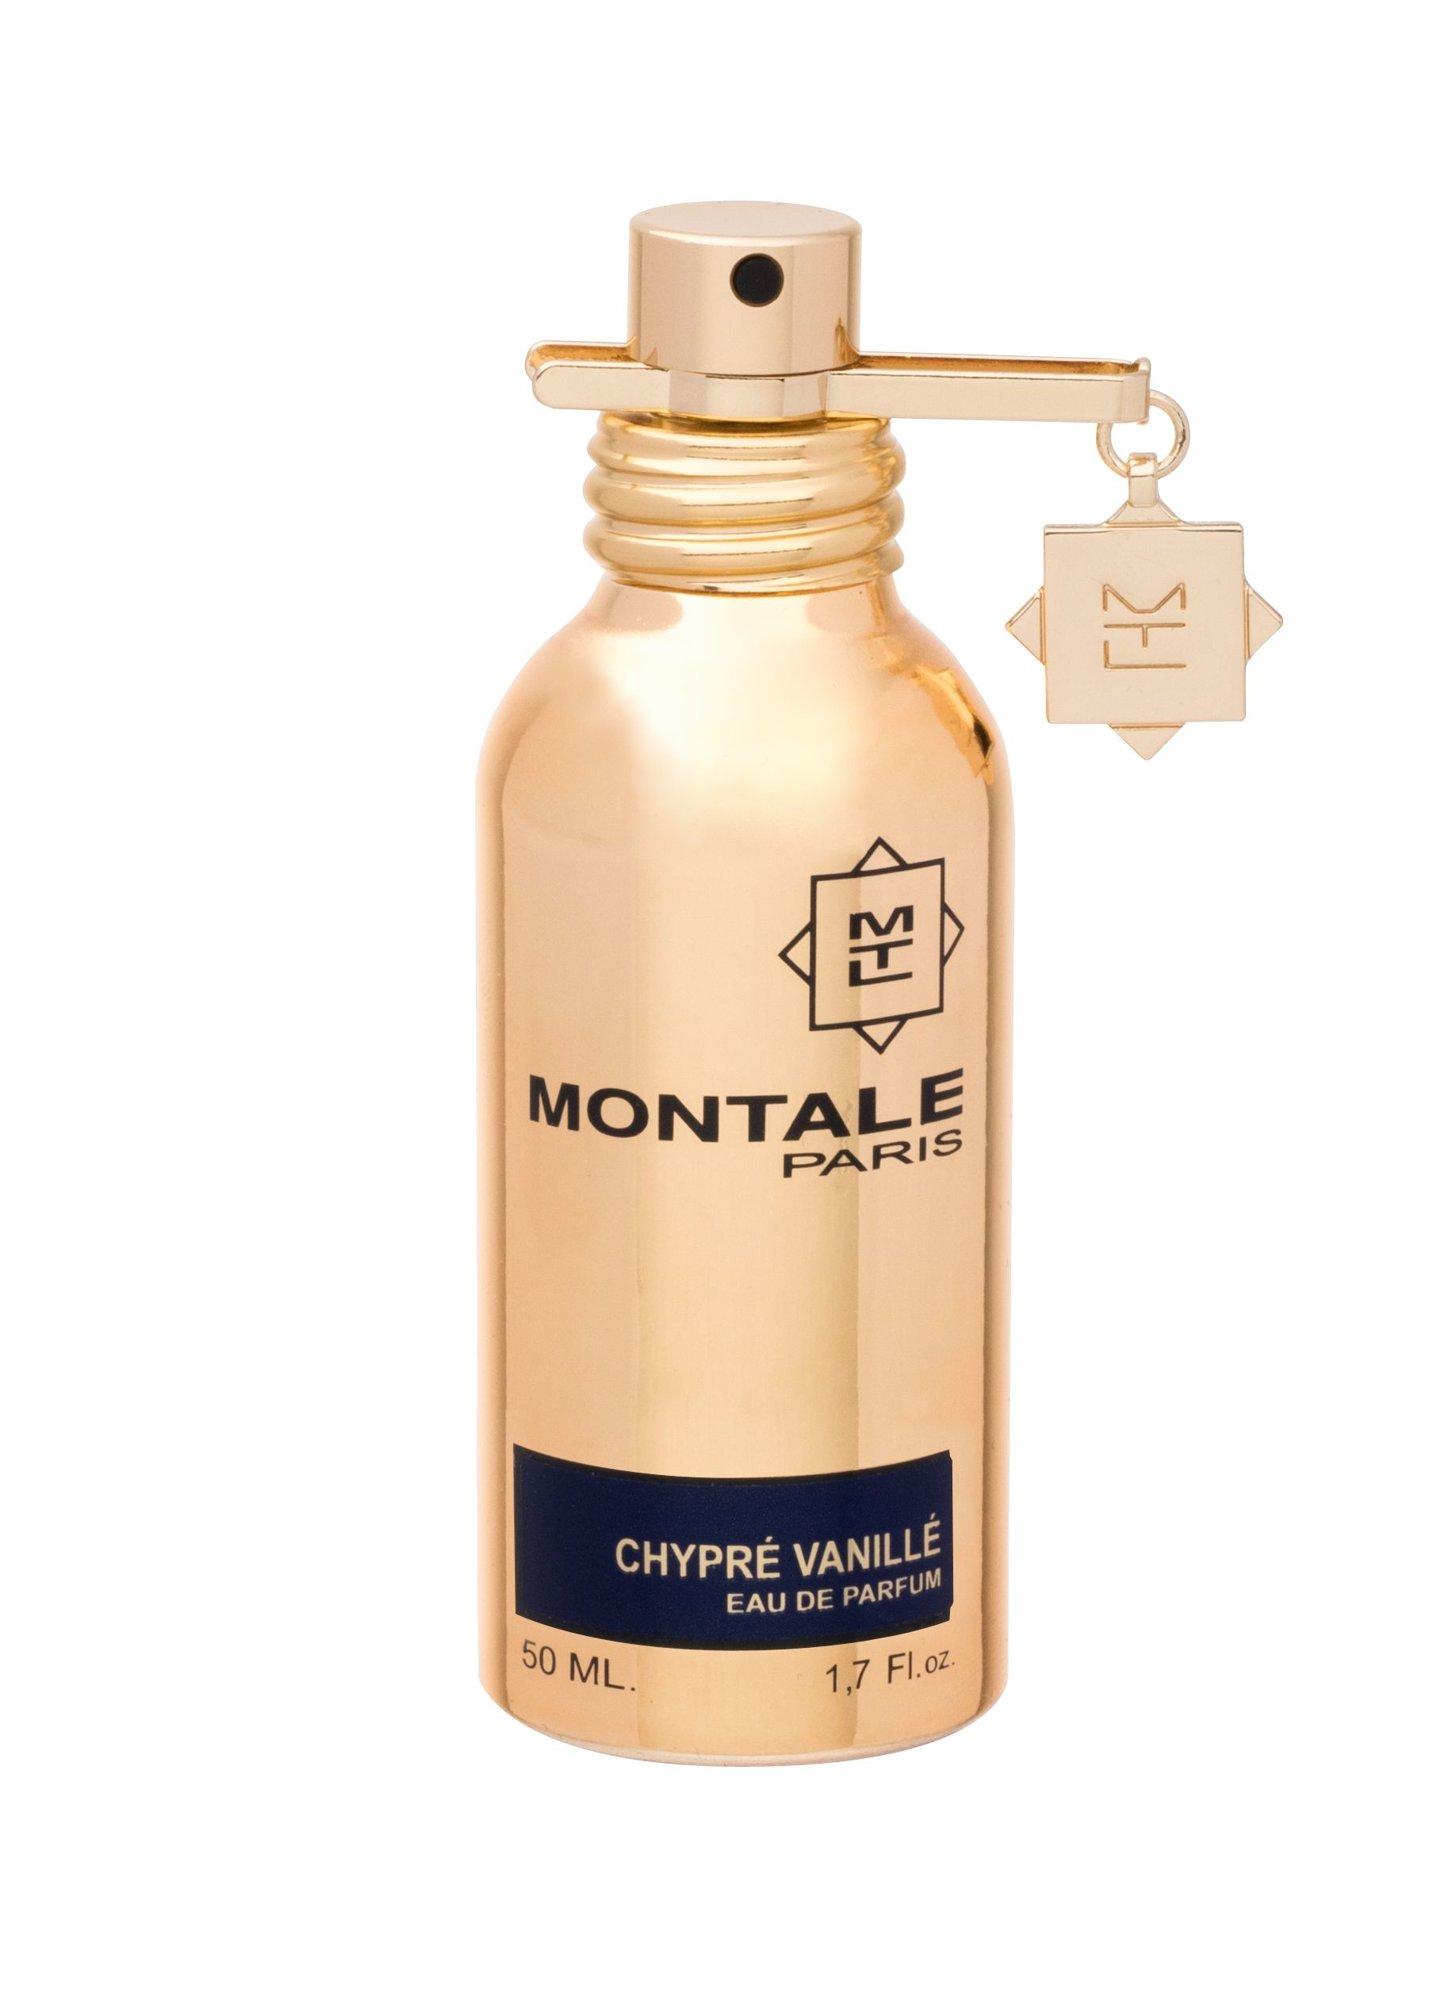 Montale Paris Chypré Vanillé EDP 50ml